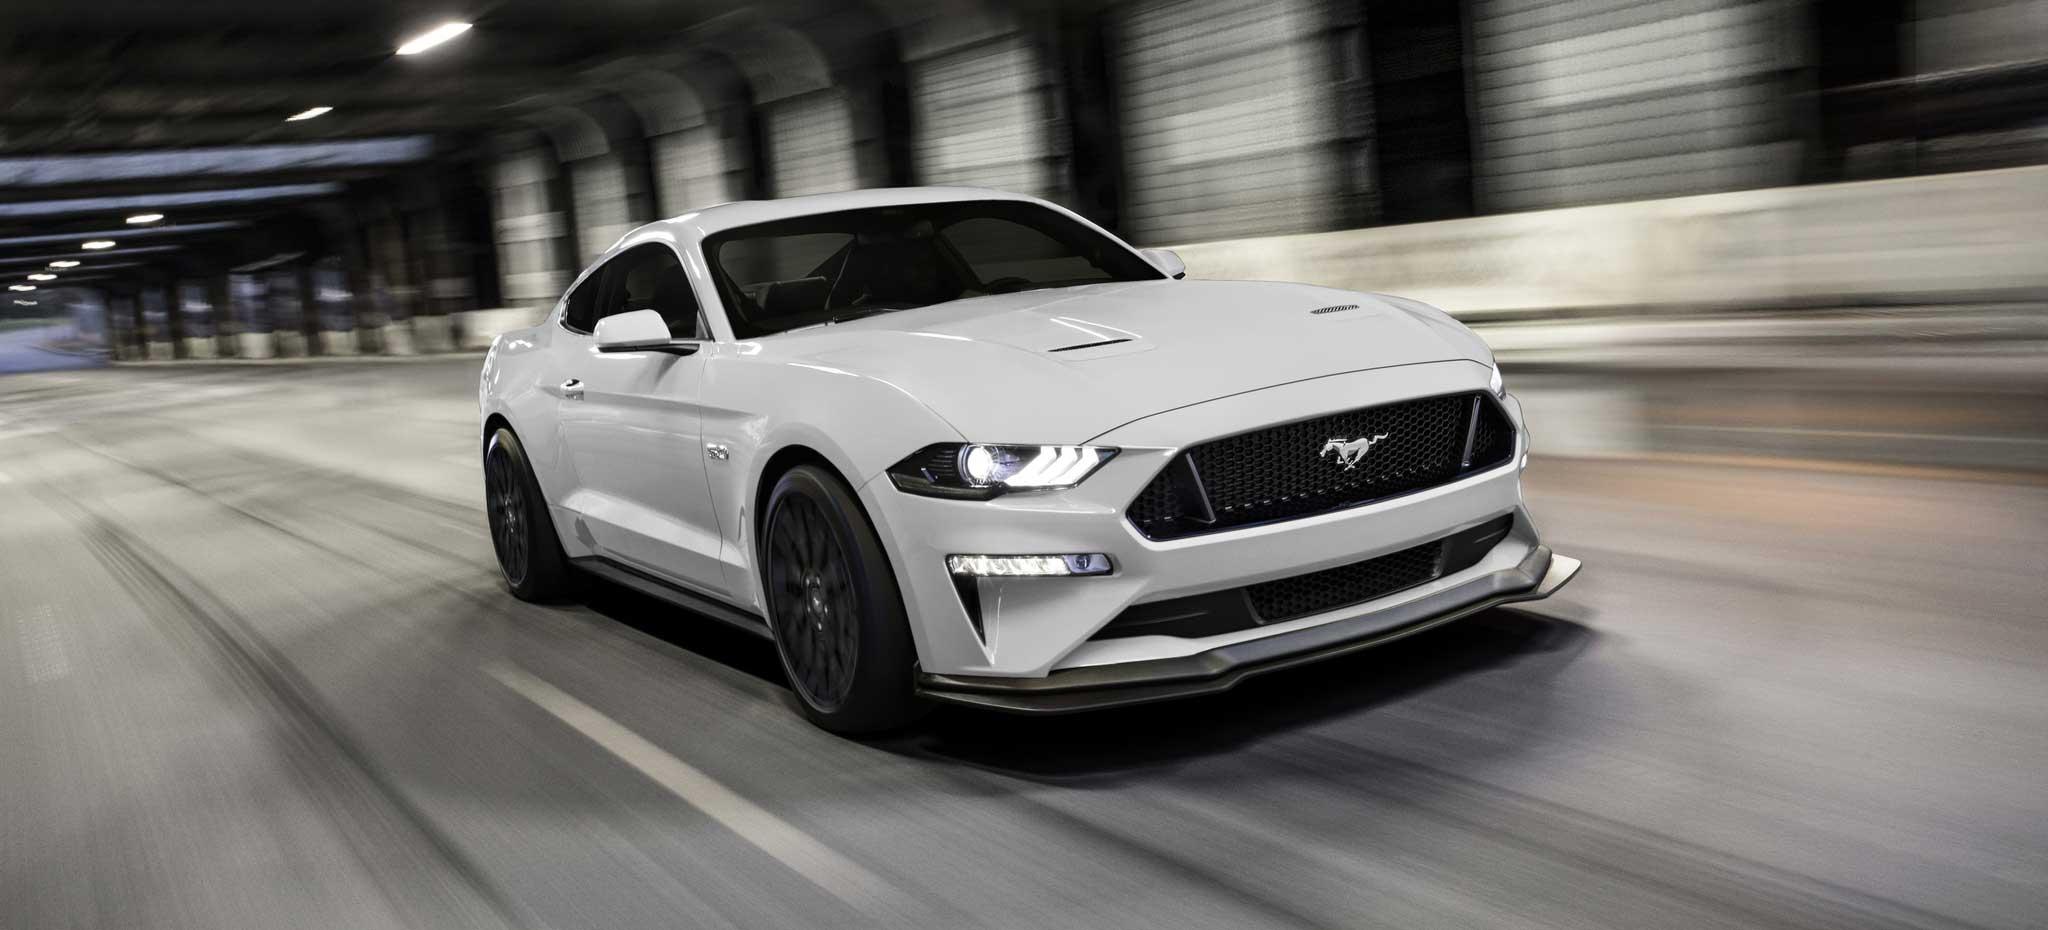 Ford presentó el nuevo pony car